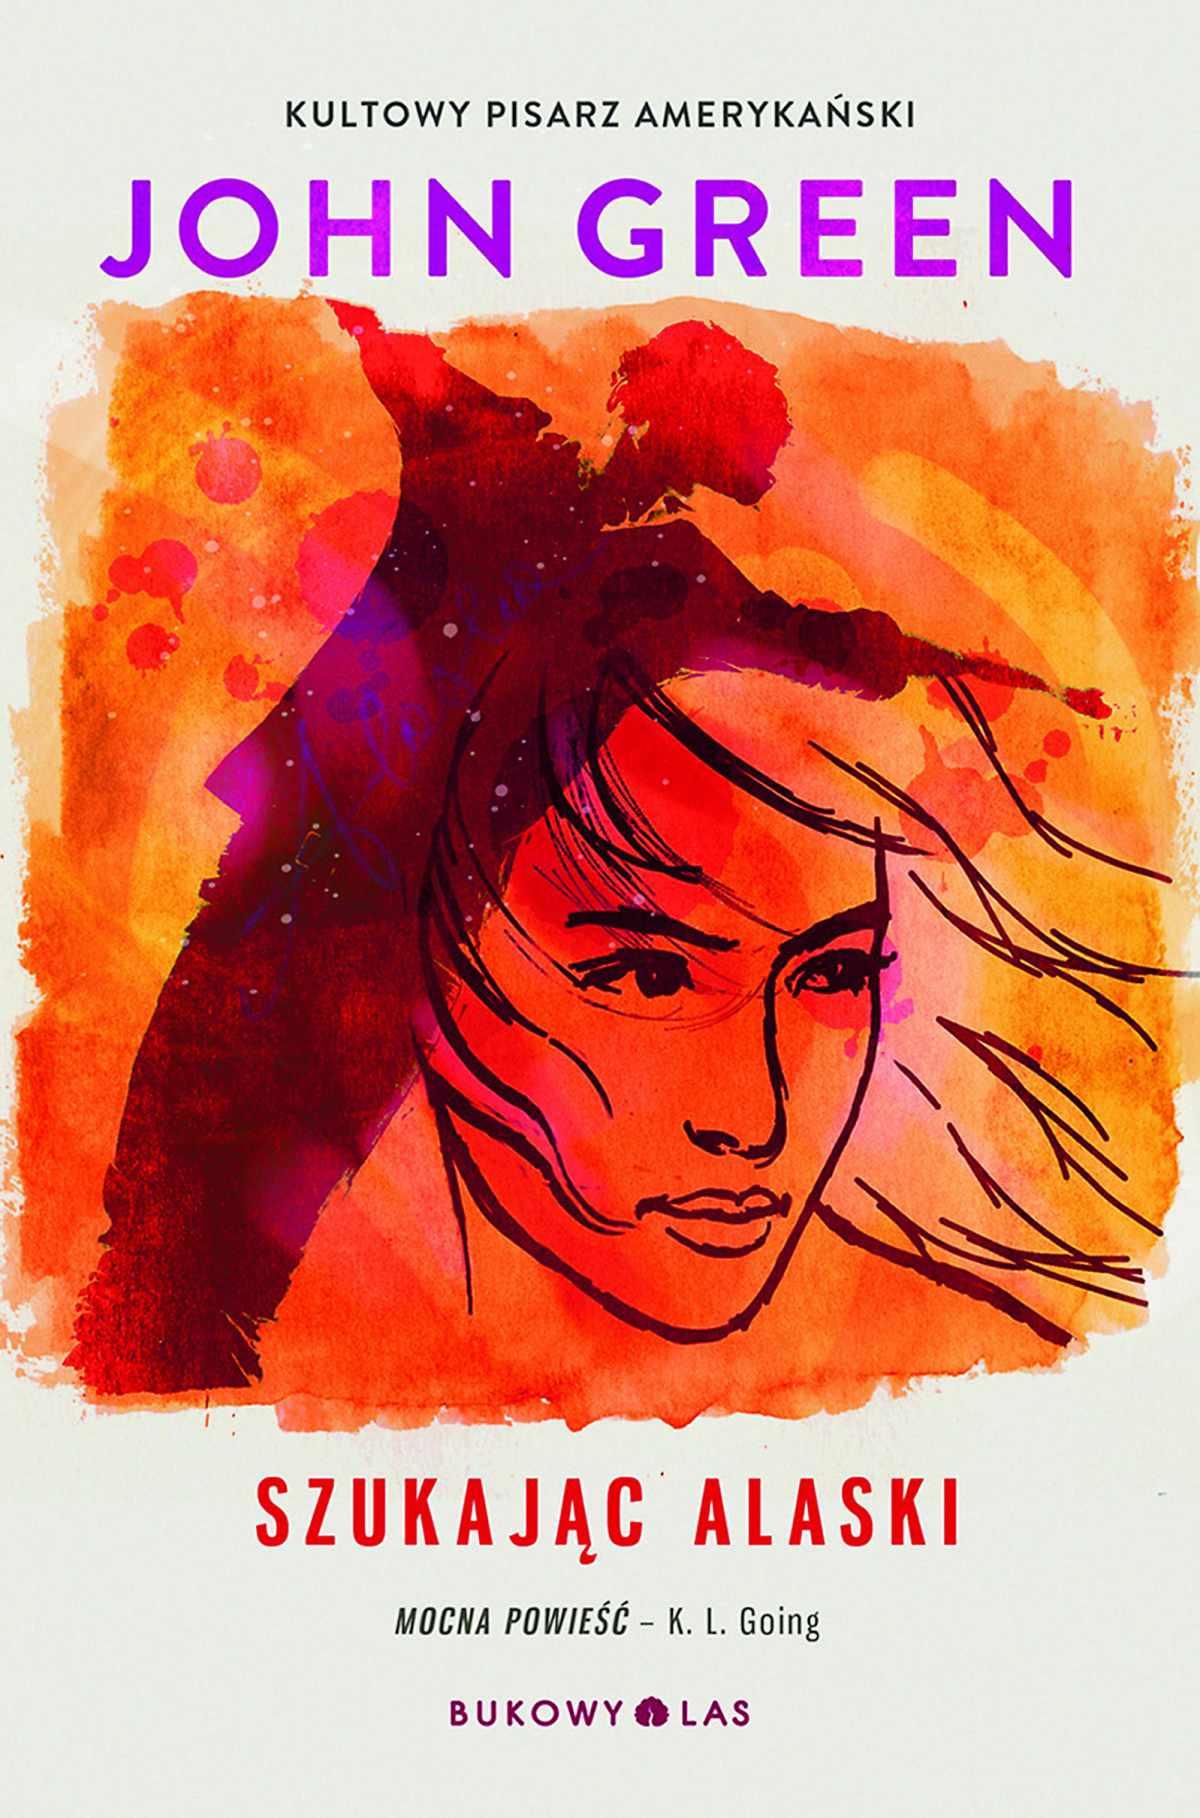 Szukając Alaski - Ebook (Książka EPUB) do pobrania w formacie EPUB